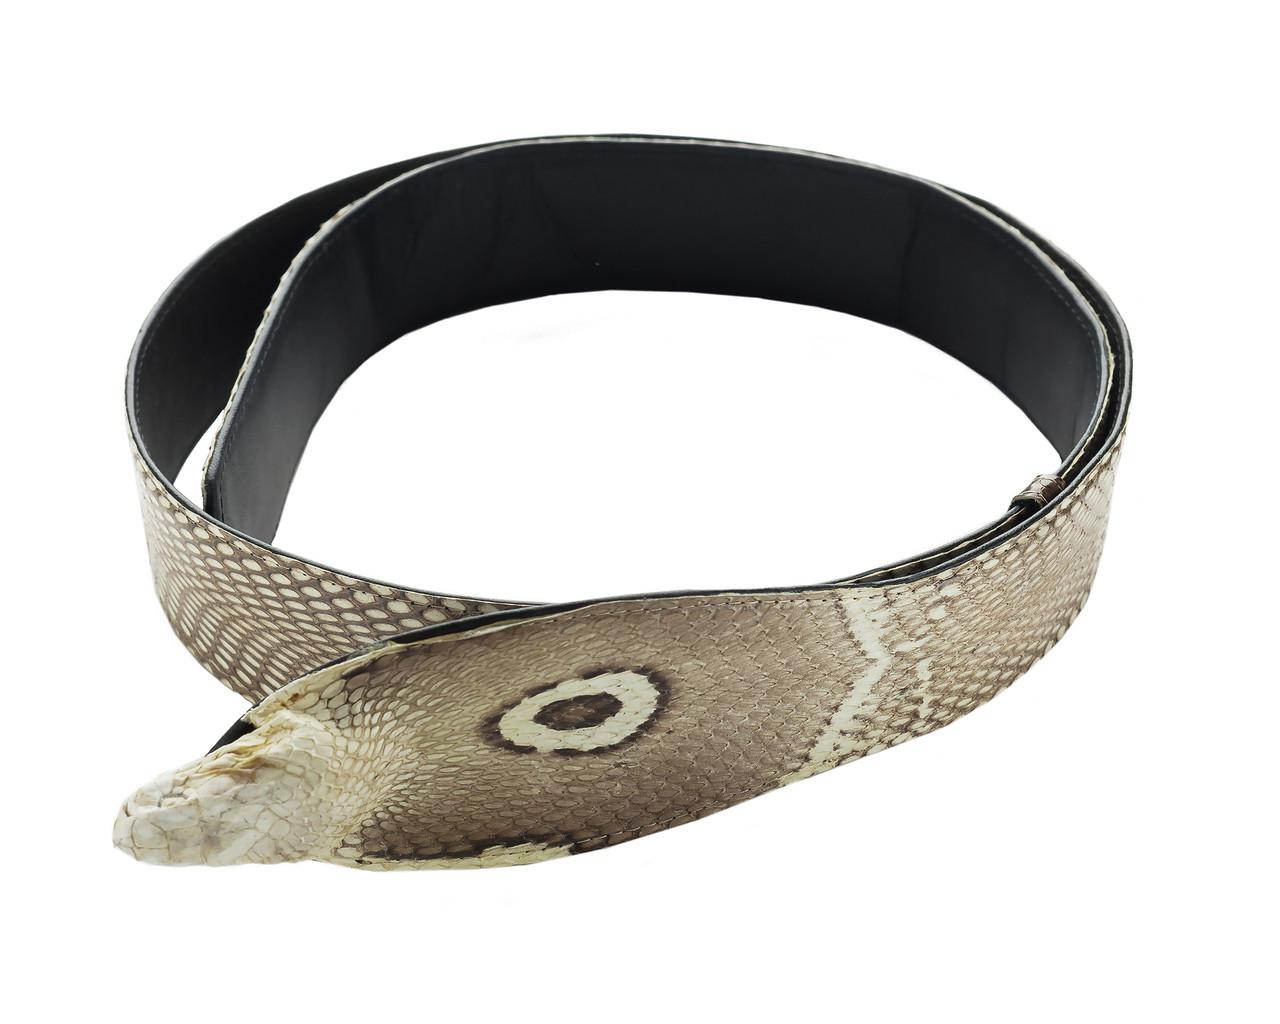 Ремень изк ожи кобры для джинсов Ekzotic Leather (snb18)